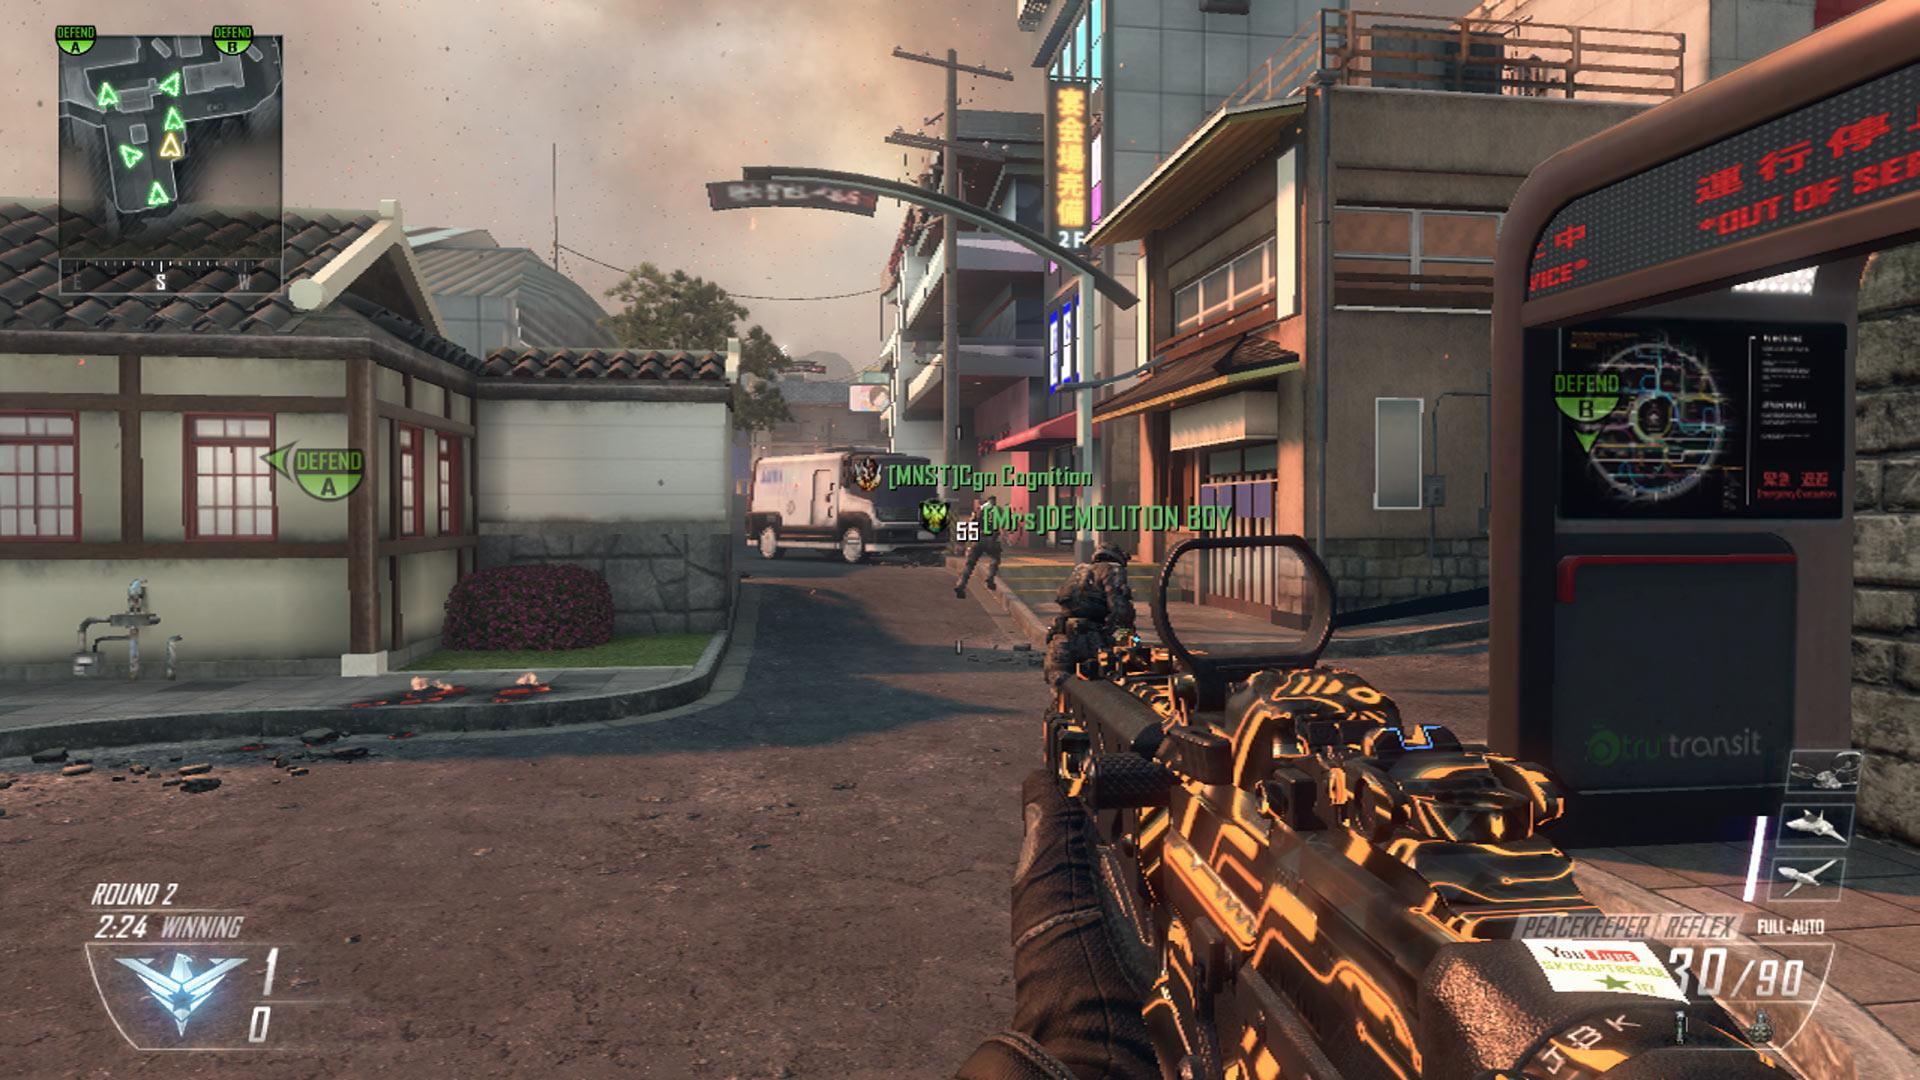 Call of Duty Black Ops 2 Xbox Screenshot